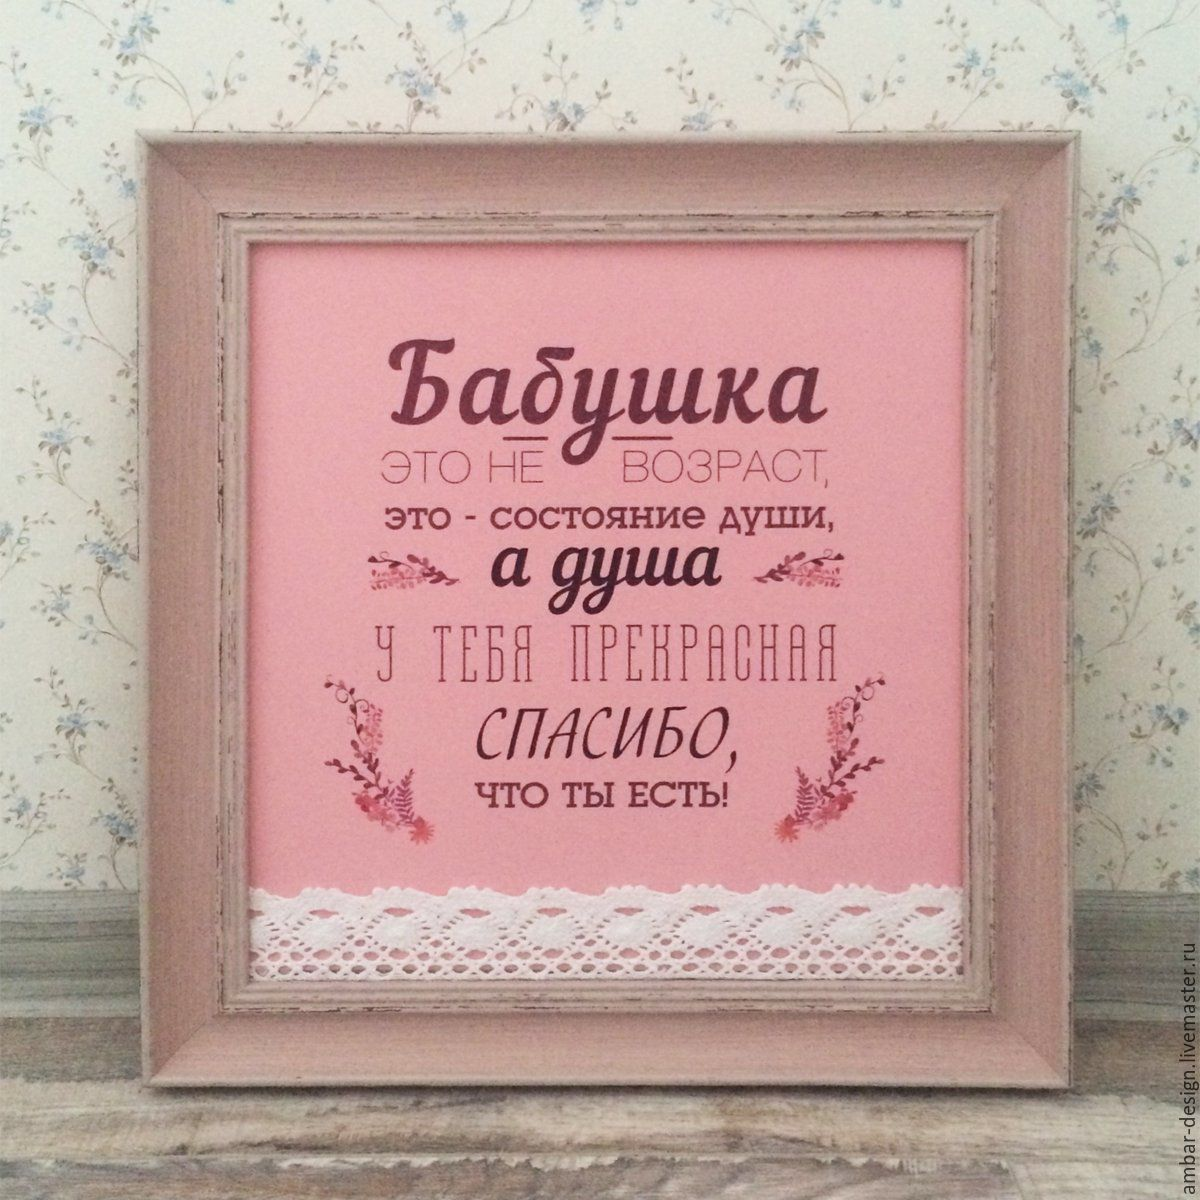 Если тебе бабушка подарила 500 рублей